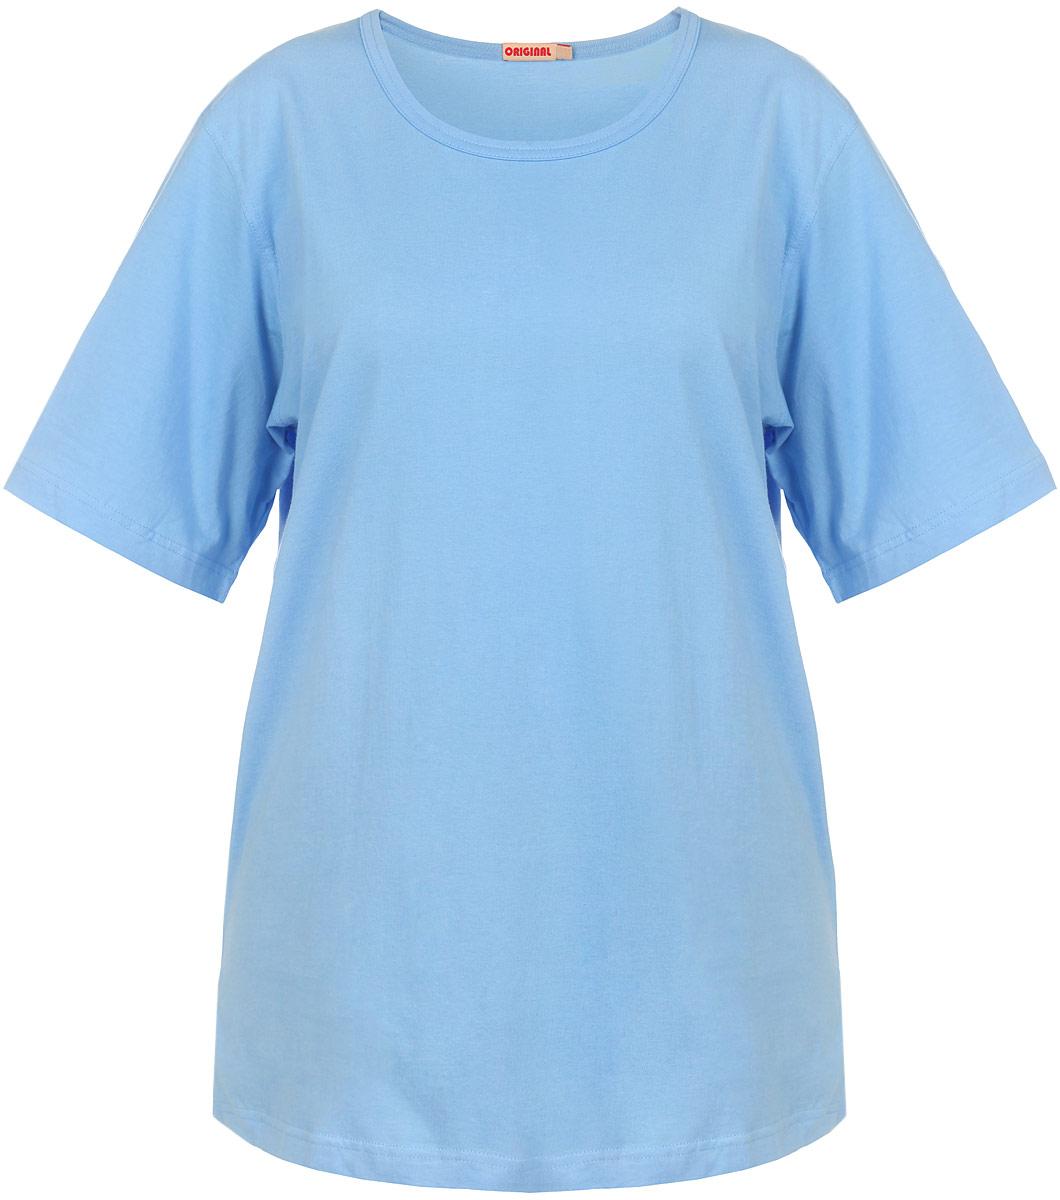 Футболка женская. М-28М-281Женская футболка Original придется вам по душе. Модель изготовлена из натурального хлопка, очень мягкая, тактильно приятная, не сковывает движения и хорошо пропускает воздух. Футболка с круглым вырезом горловины и короткими рукавами выполнена в лаконичном дизайне. Нижняя часть модели по боковому шву оформлена небольшими разрезами. Такая футболка идеальный вариант для тех, кто ценит комфорт и практичность.